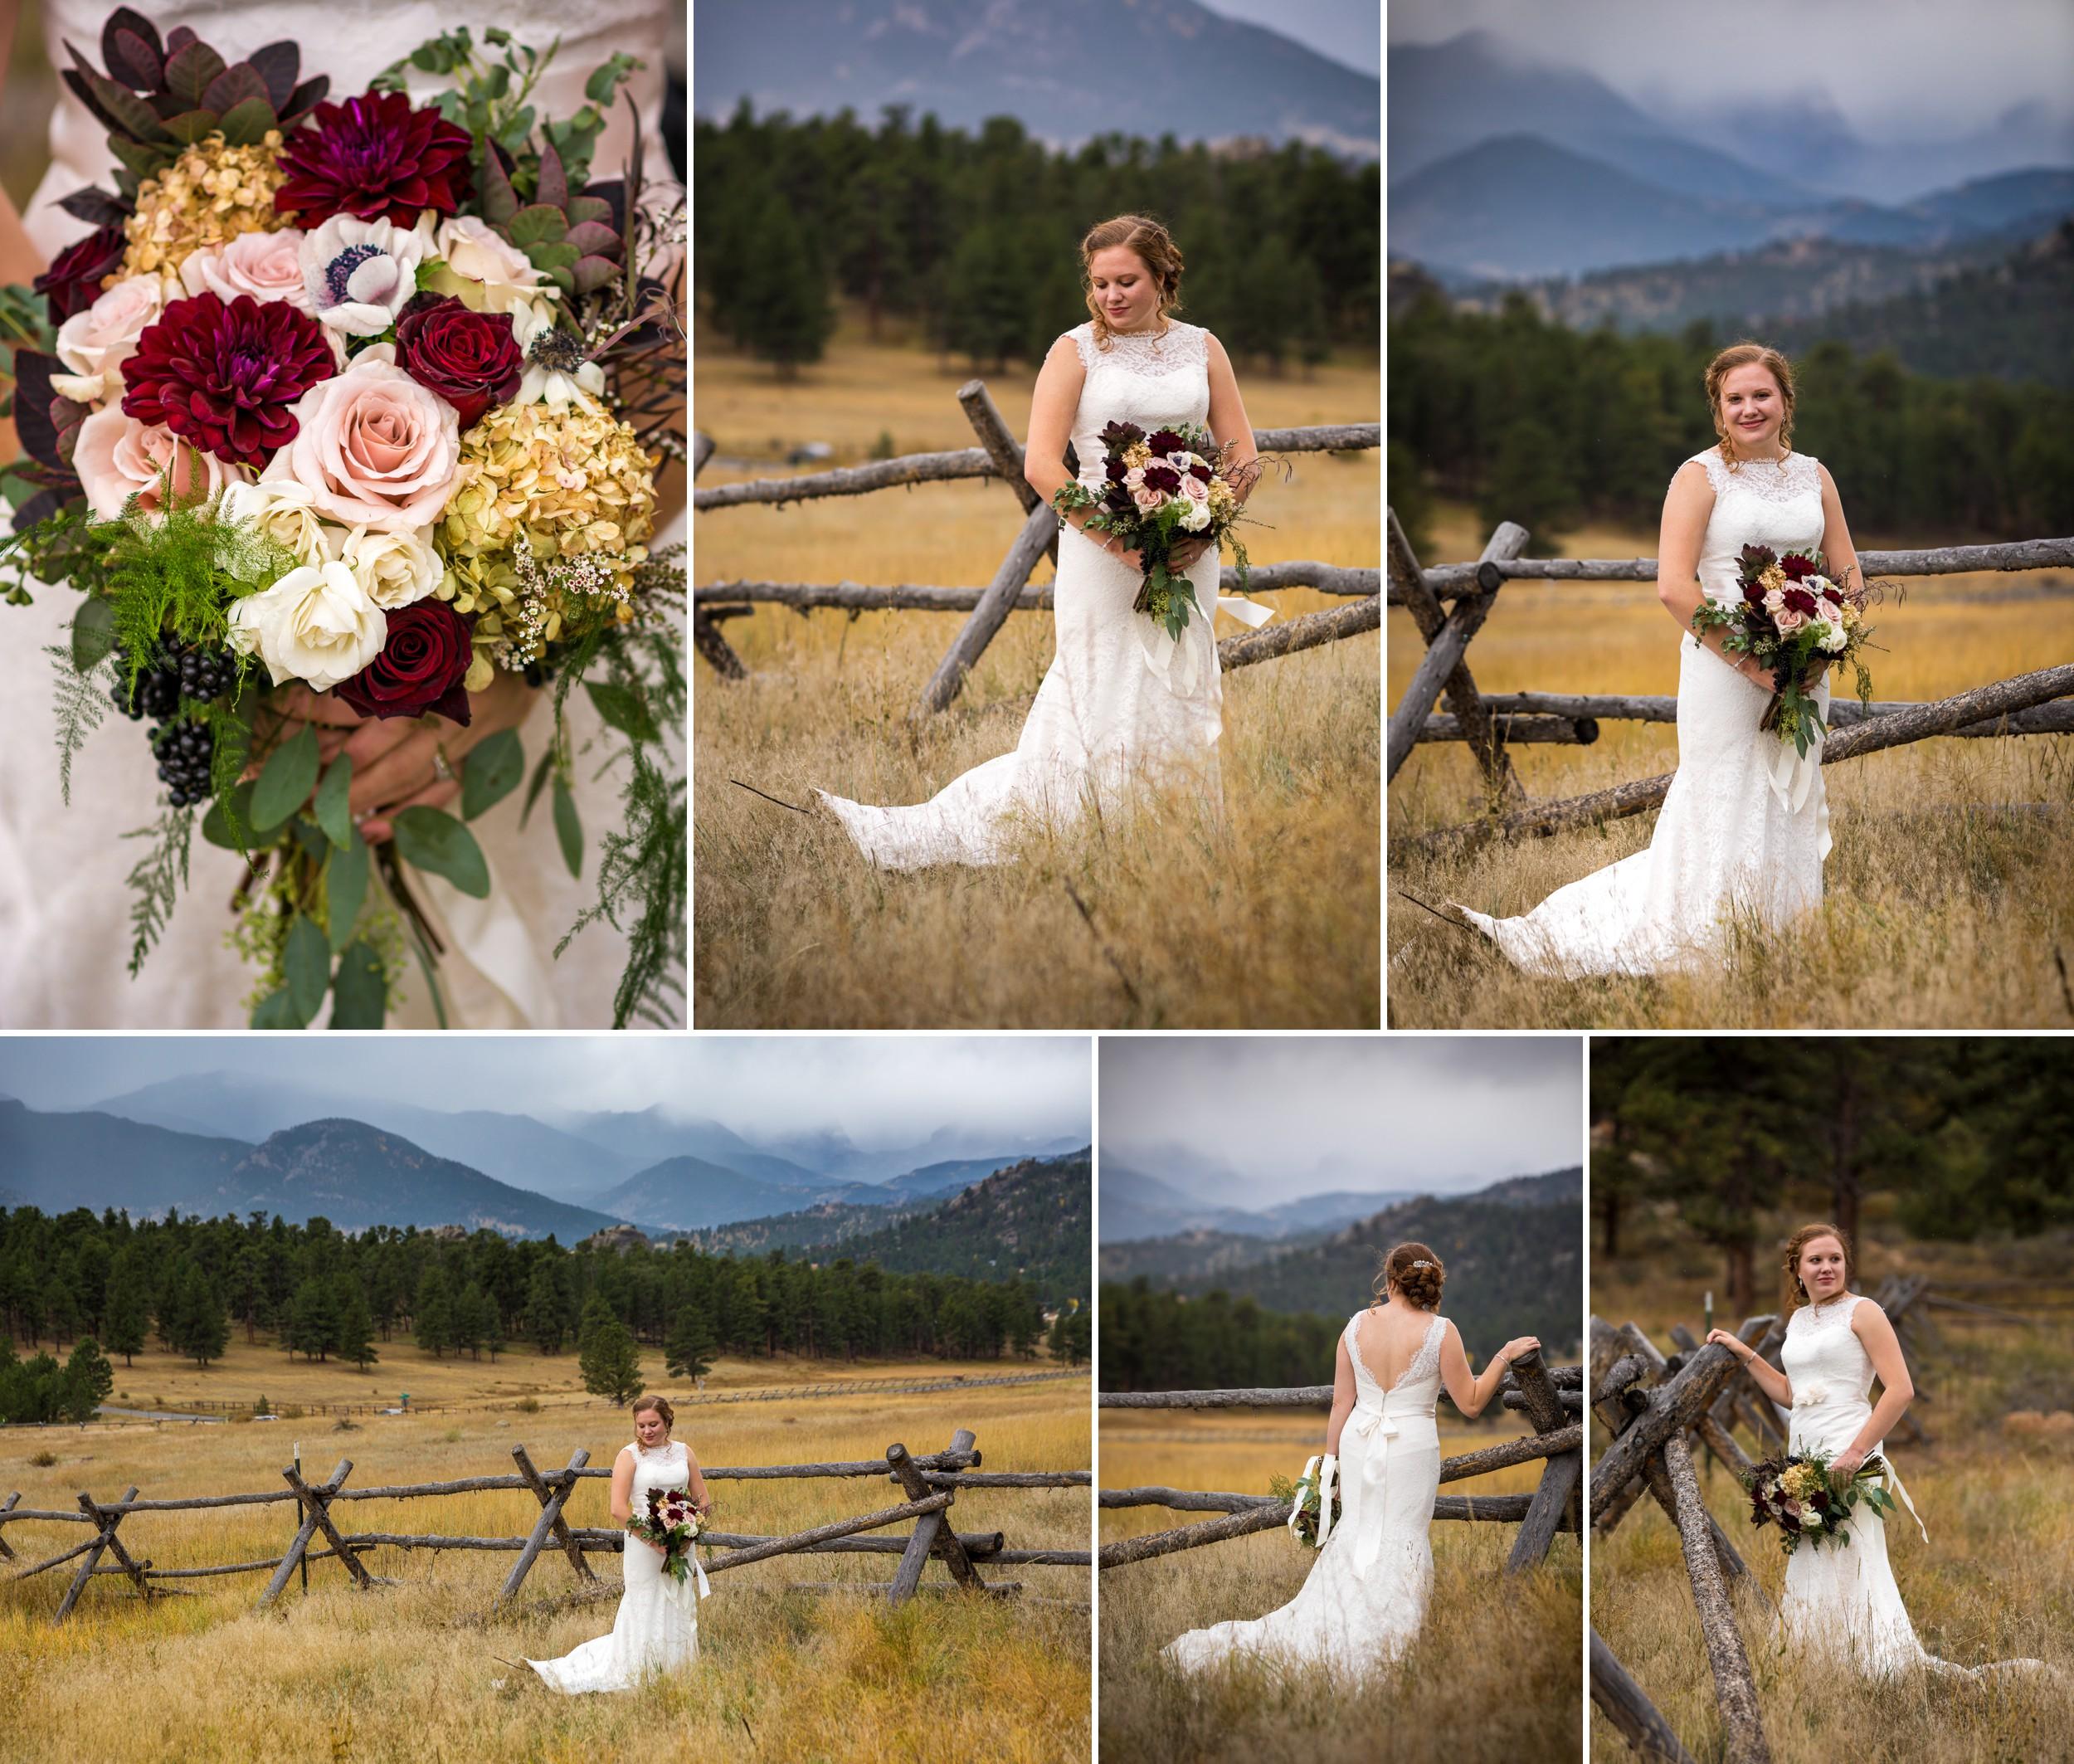 Stanley_Hotel_Estes_Park_Colorado_Wedding_Kristopher_Lindsay_ 11.jpg